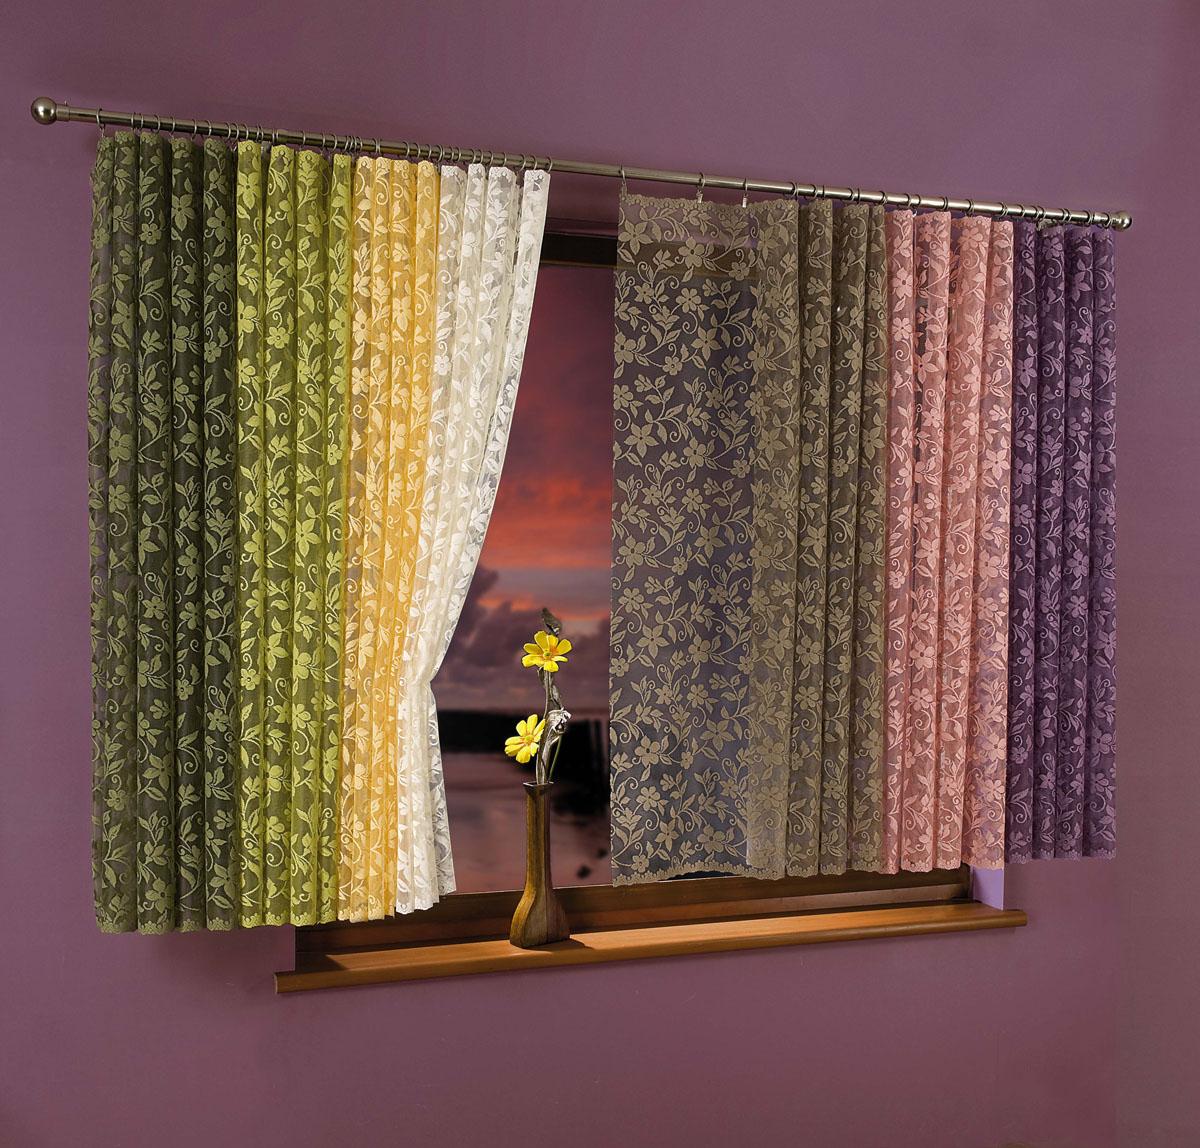 Гардина-тюль Kwiat Jabloni, на ленте, цвет: коричневый, высота 250 смGC013/00Воздушная гардина-тюль Kwiat Jabloni, изготовленная из полиэстера коричневого цвета, станет великолепным украшением любого окна. Тонкое плетение, оригинальный дизайн и приятная цветовая гамма привлекут к себе внимание и органично впишутся в интерьер комнаты. В гардину-тюль вшита шторная лента. Характеристики:Материал: 100% полиэстер. Цвет: коричневый. Размер упаковки:27 см х 36 см х 3 см. Артикул: 734856.В комплект входит:Гардина-тюль - 1 шт. Размер (Ш х В): 150 см х 250 см. Фирма Wisan на польском рынке существует уже более пятидесяти лет и является одной из лучших польских фабрик по производству штор и тканей. Ассортимент фирмы представлен готовыми комплектами штор для гостиной, детской, кухни, а также текстилем для кухни (скатерти, салфетки, дорожки, кухонные занавески). Модельный ряд отличает оригинальный дизайн, высокое качество. Ассортимент продукции постоянно пополняется.УВАЖАЕМЫЕ КЛИЕНТЫ!Обращаем ваше внимание на цвет изделия. Цветовой вариант гардины-тюли, данной в интерьере, служит для визуального восприятия товара. Цветовая гамма данной гардины-тюли представлена на отдельном изображении фрагментом ткани.